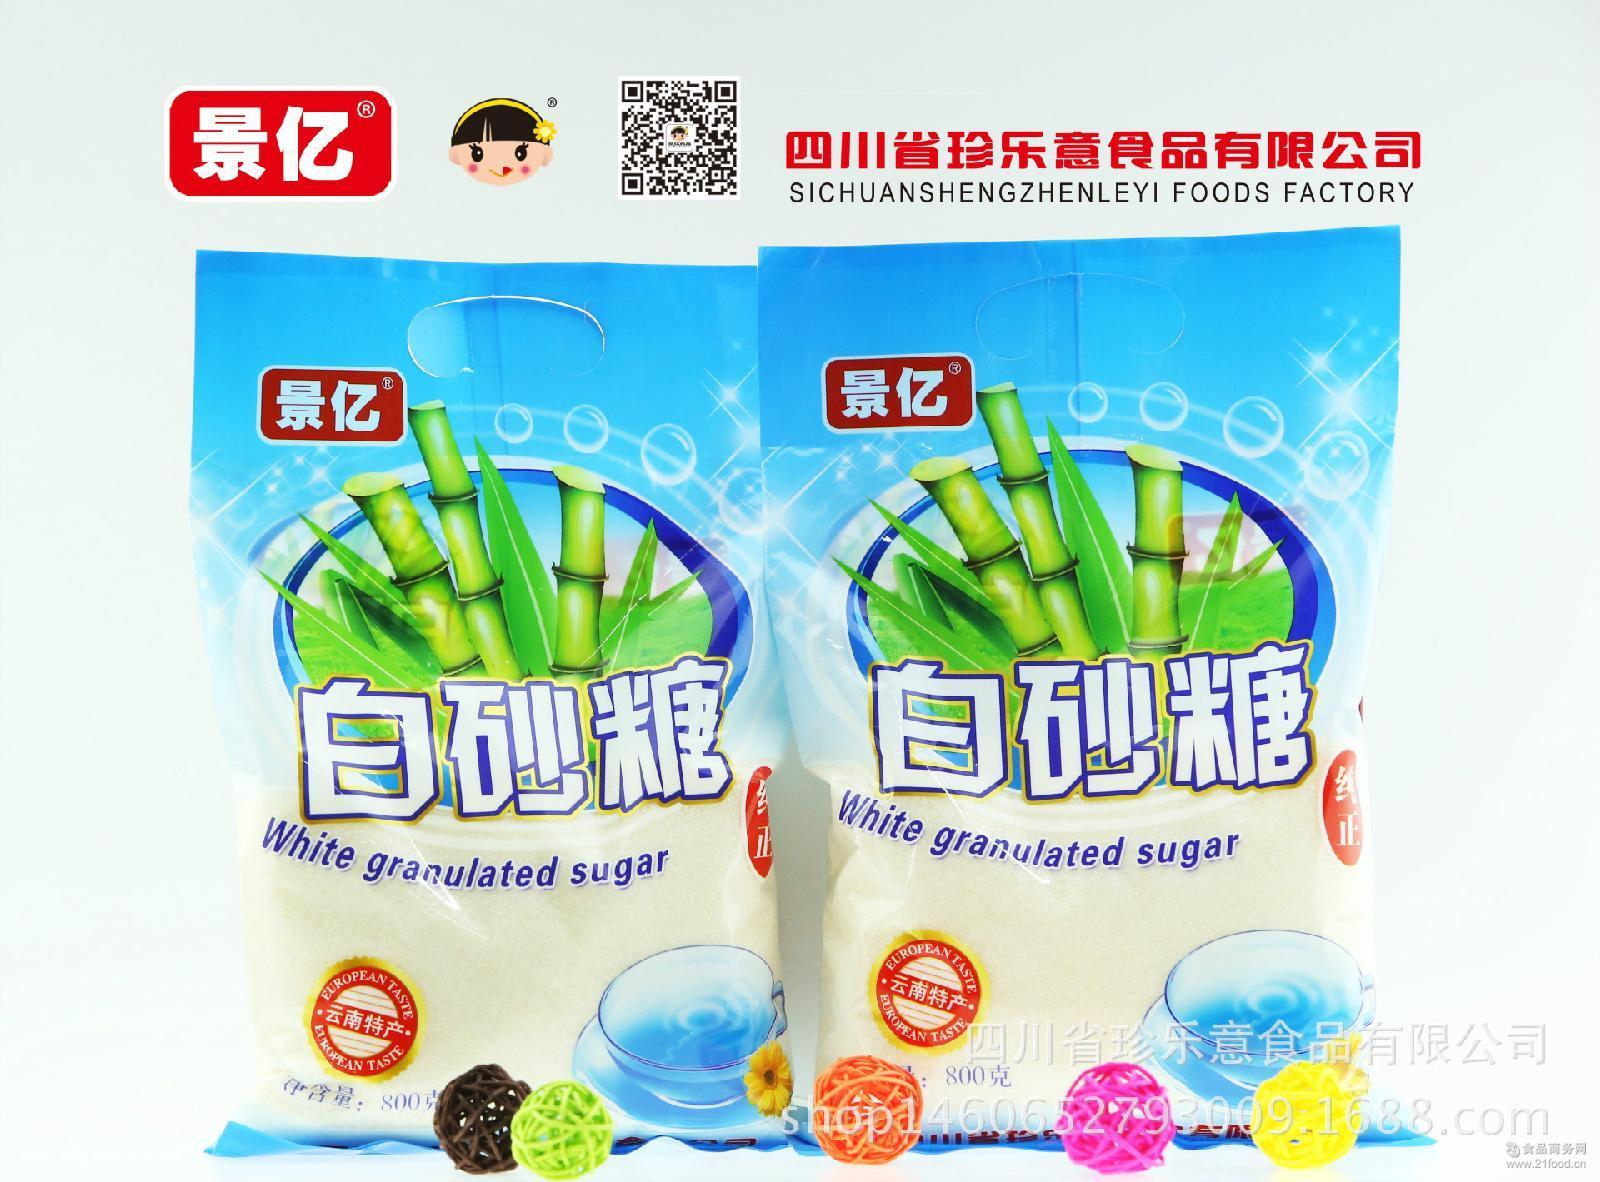 商超海螺代发云南一级白砂糖800g袋装景亿食辣食品图片